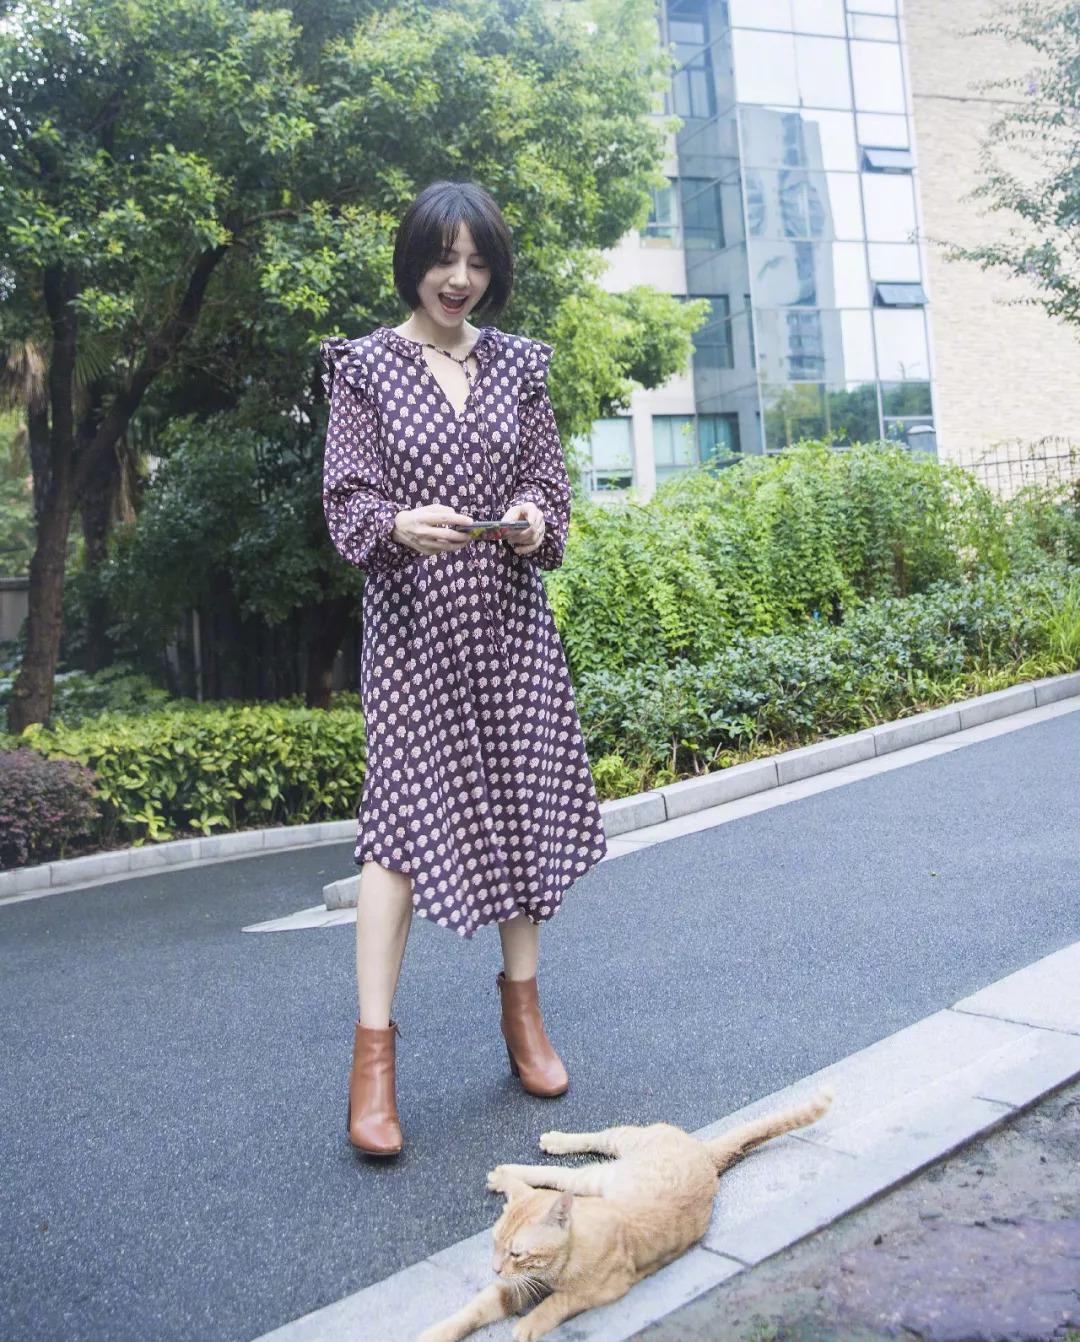 高圆圆的印花连衣裙 靴子,能从秋天穿到冬天!时髦又很